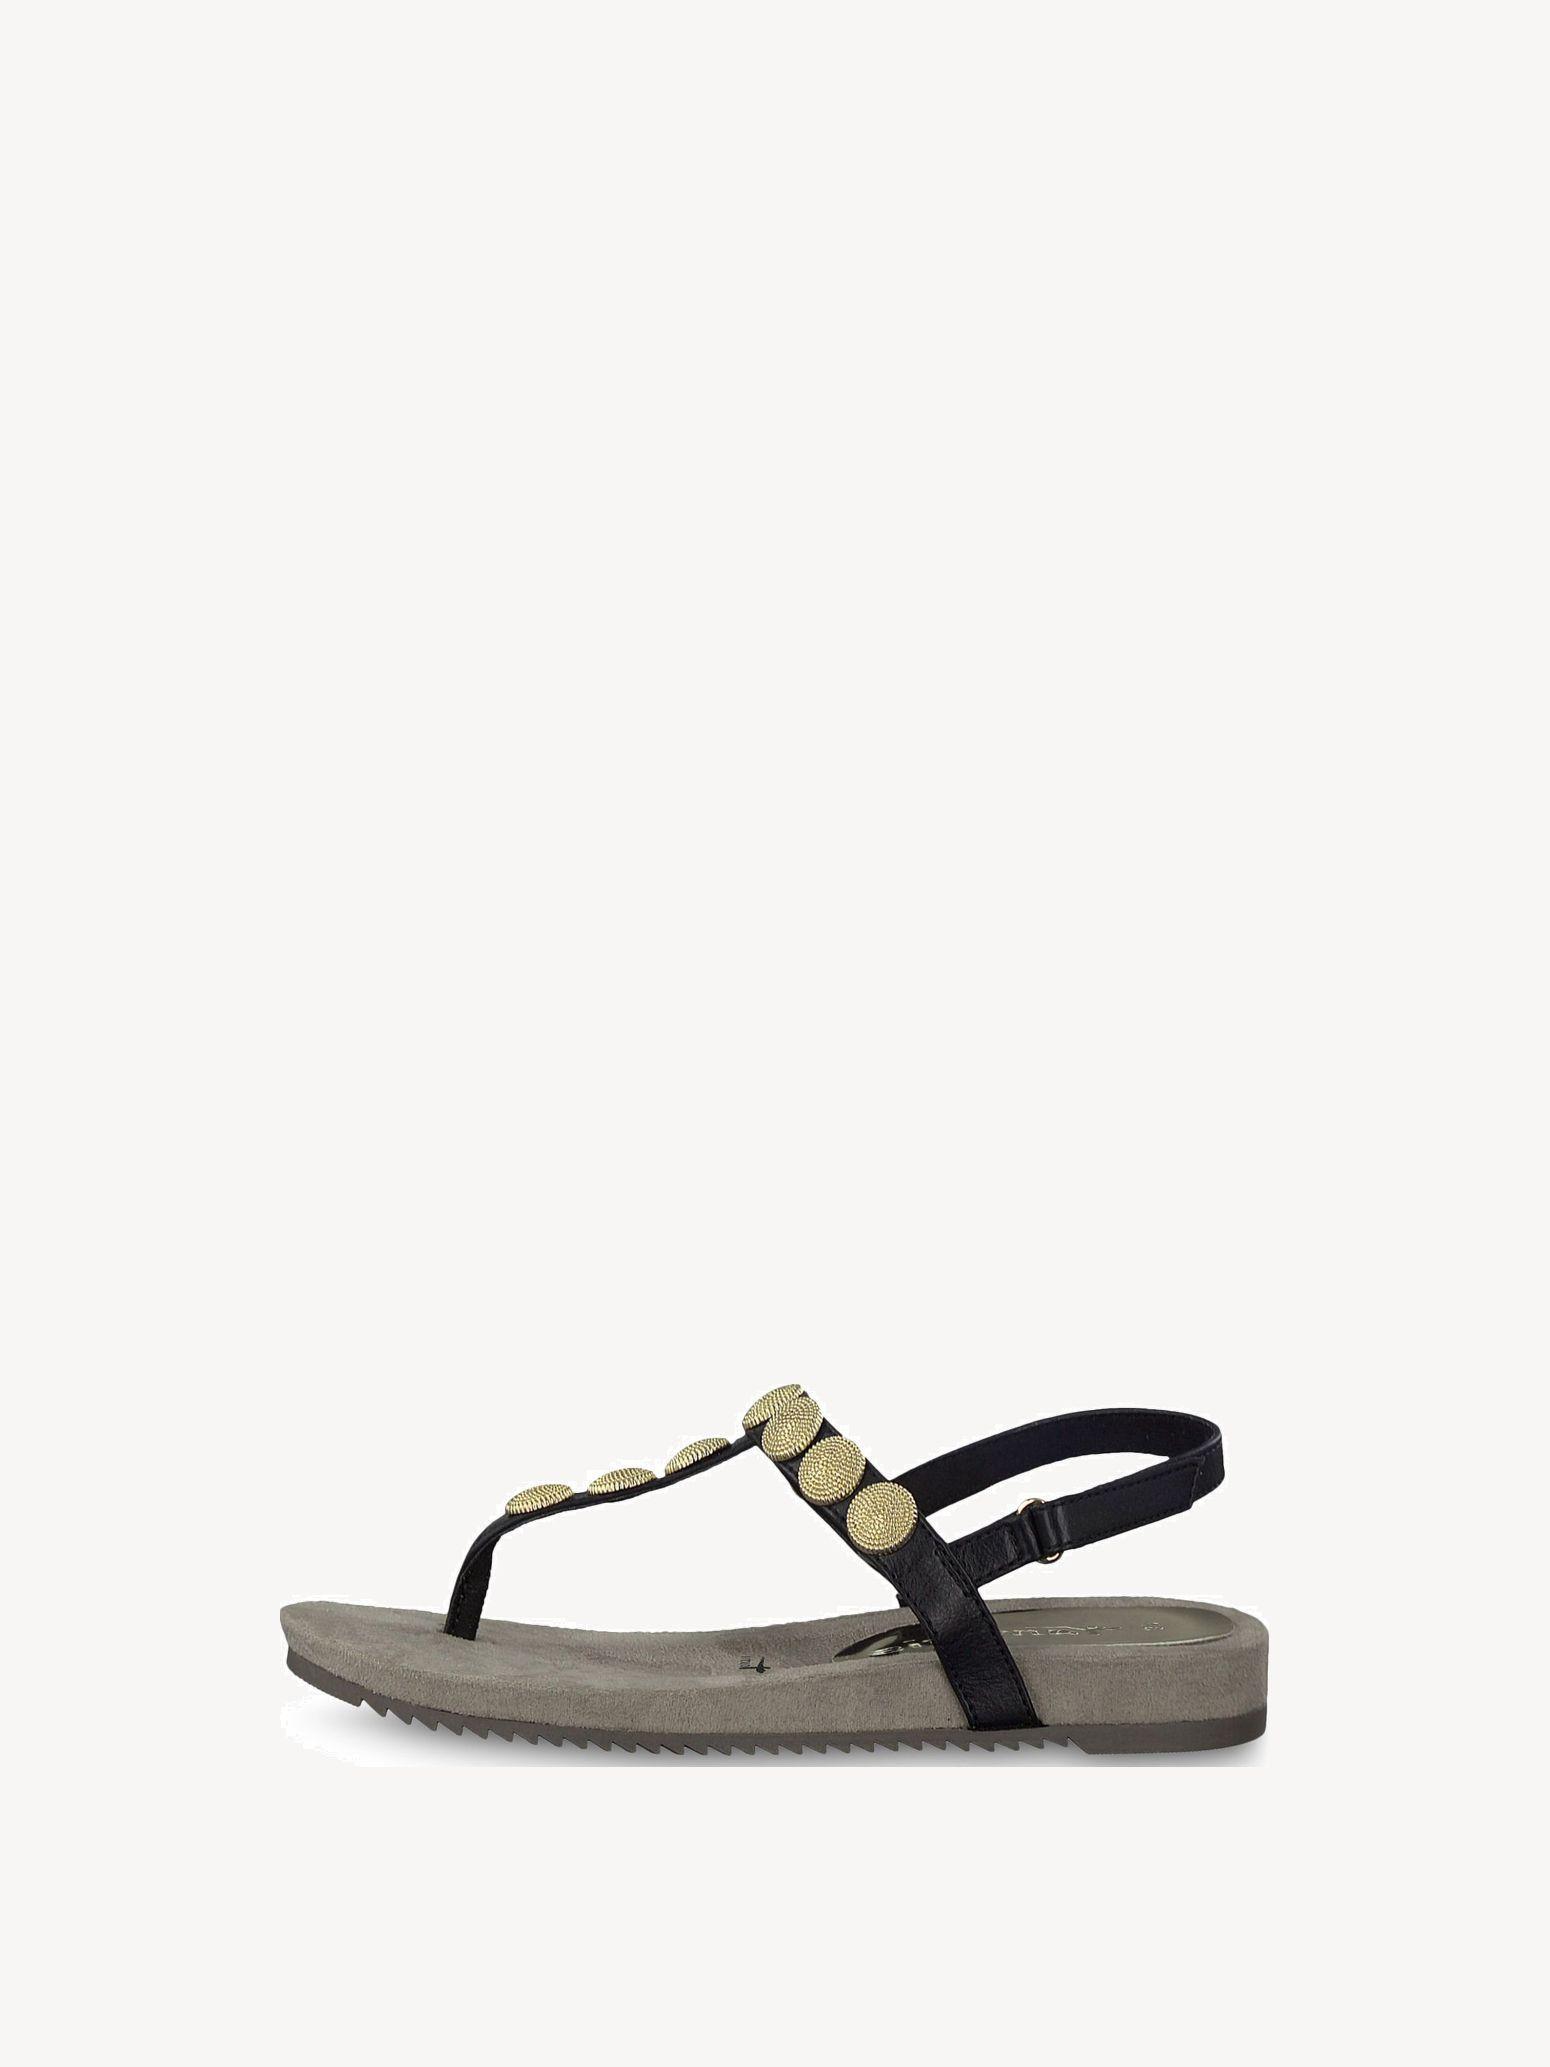 Sandales, chaussures de plage Vêtements, accessoires Tamaris